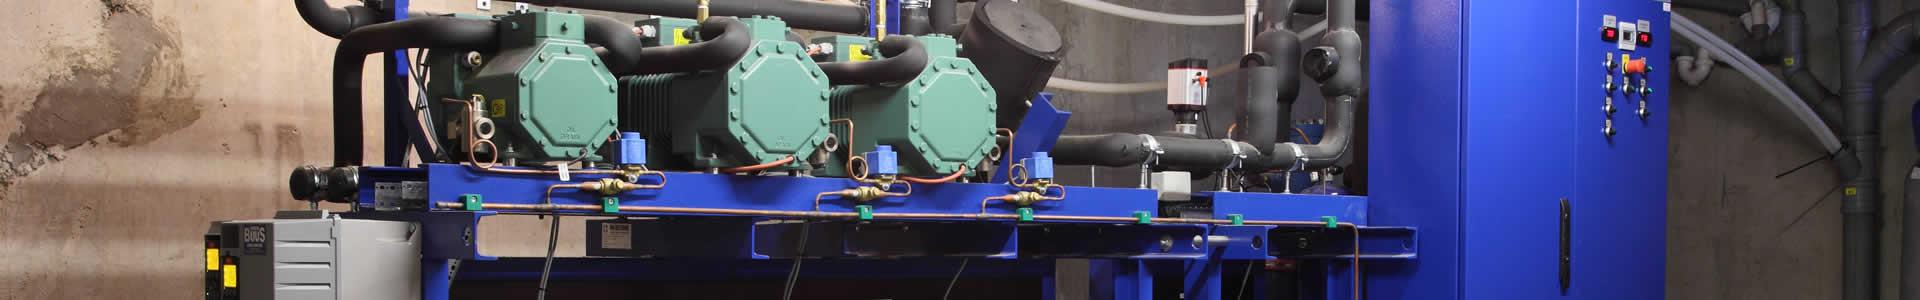 CO2 energi optimeret kompressor anlæg